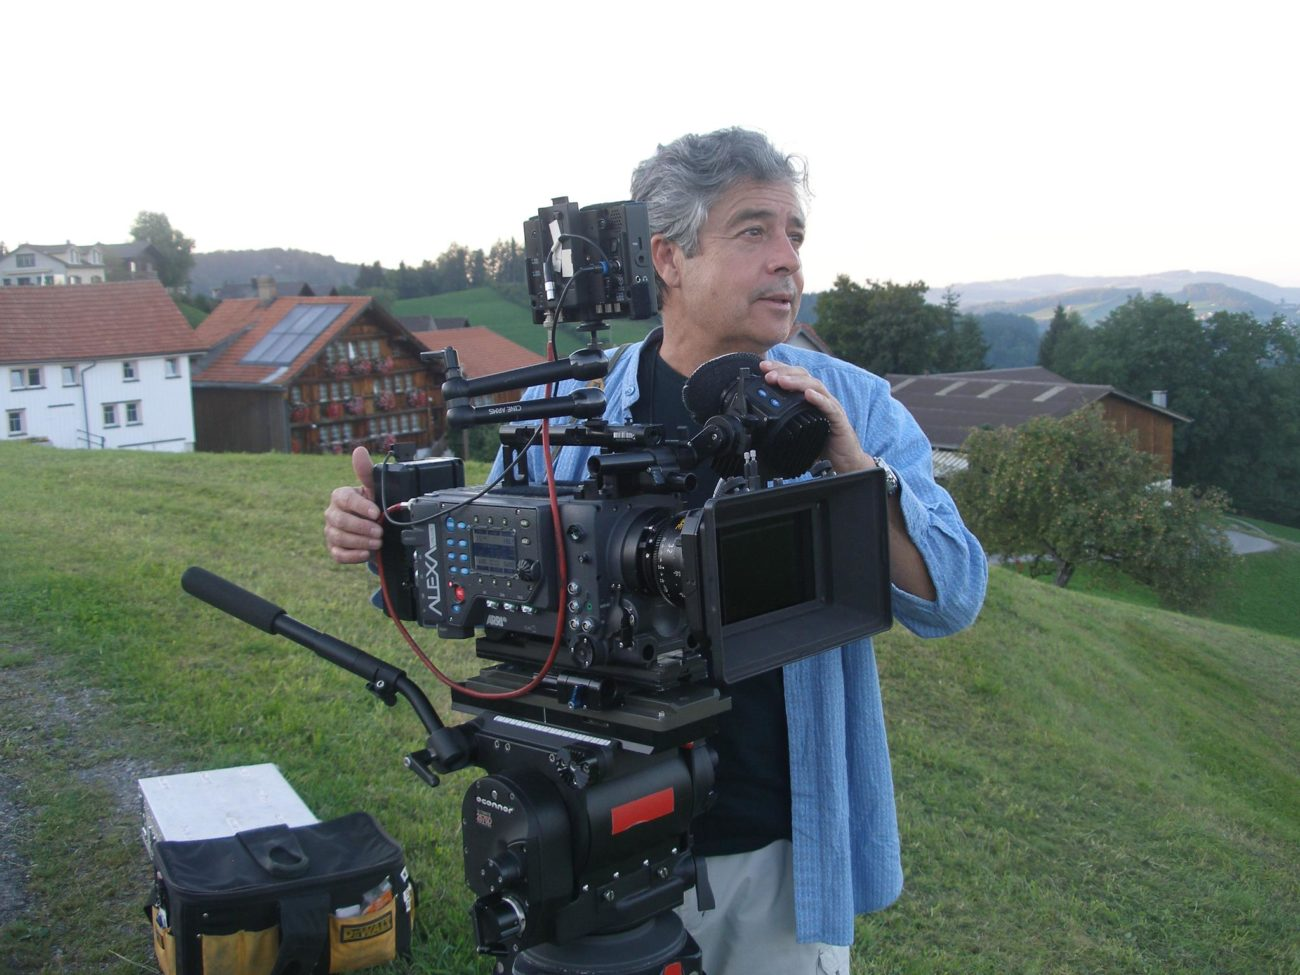 El director de cine, Carlos Iglesias